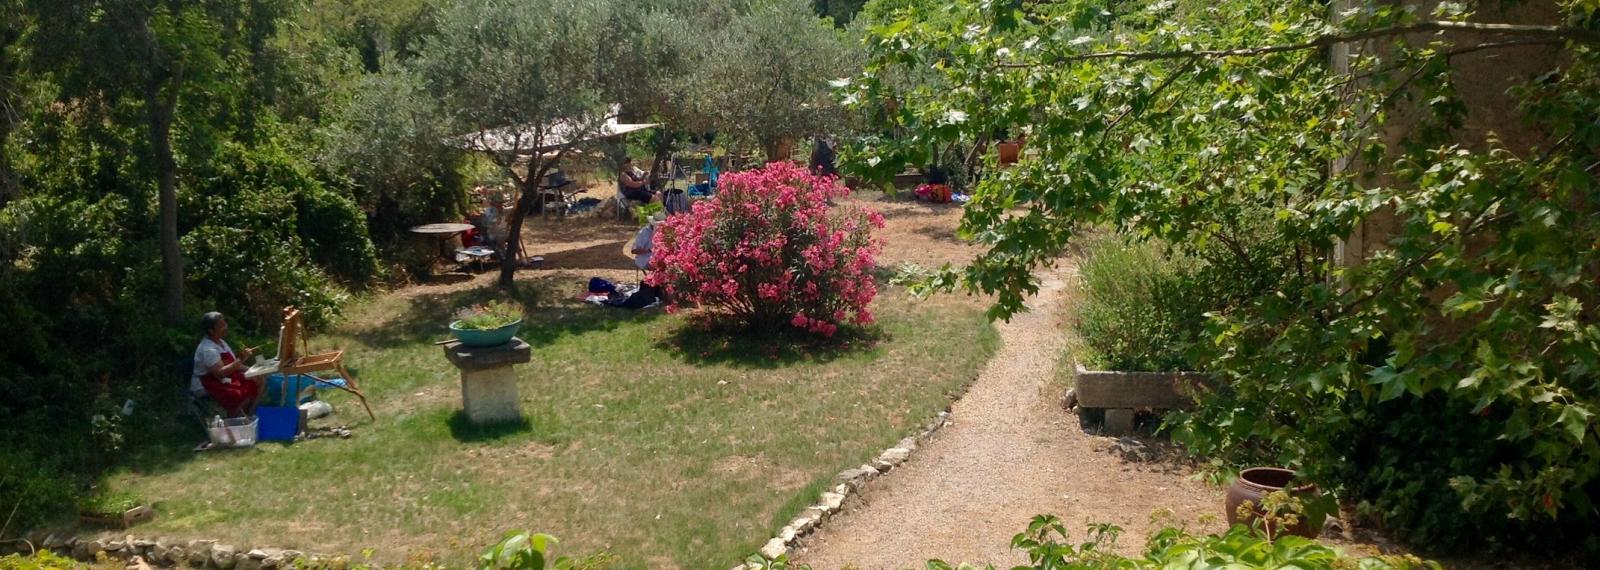 Location saisonnière Mas des Trois Cyprès à Saint-Rémy-de-Provence